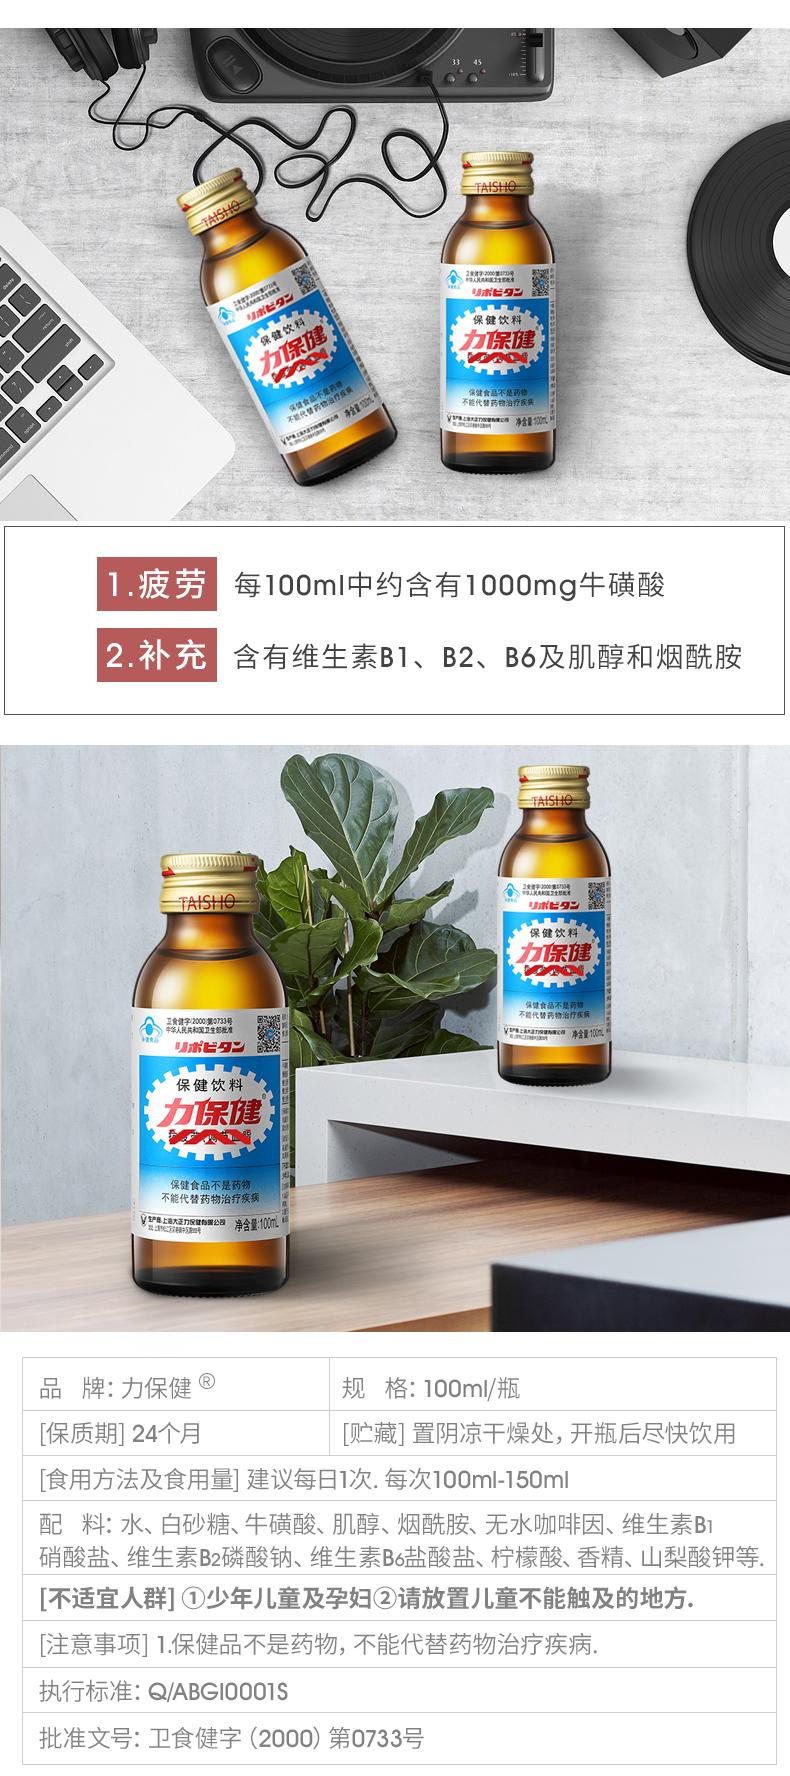 日本便利店在售 力保健 牛磺酸功能饮料 100ml*10瓶 图4